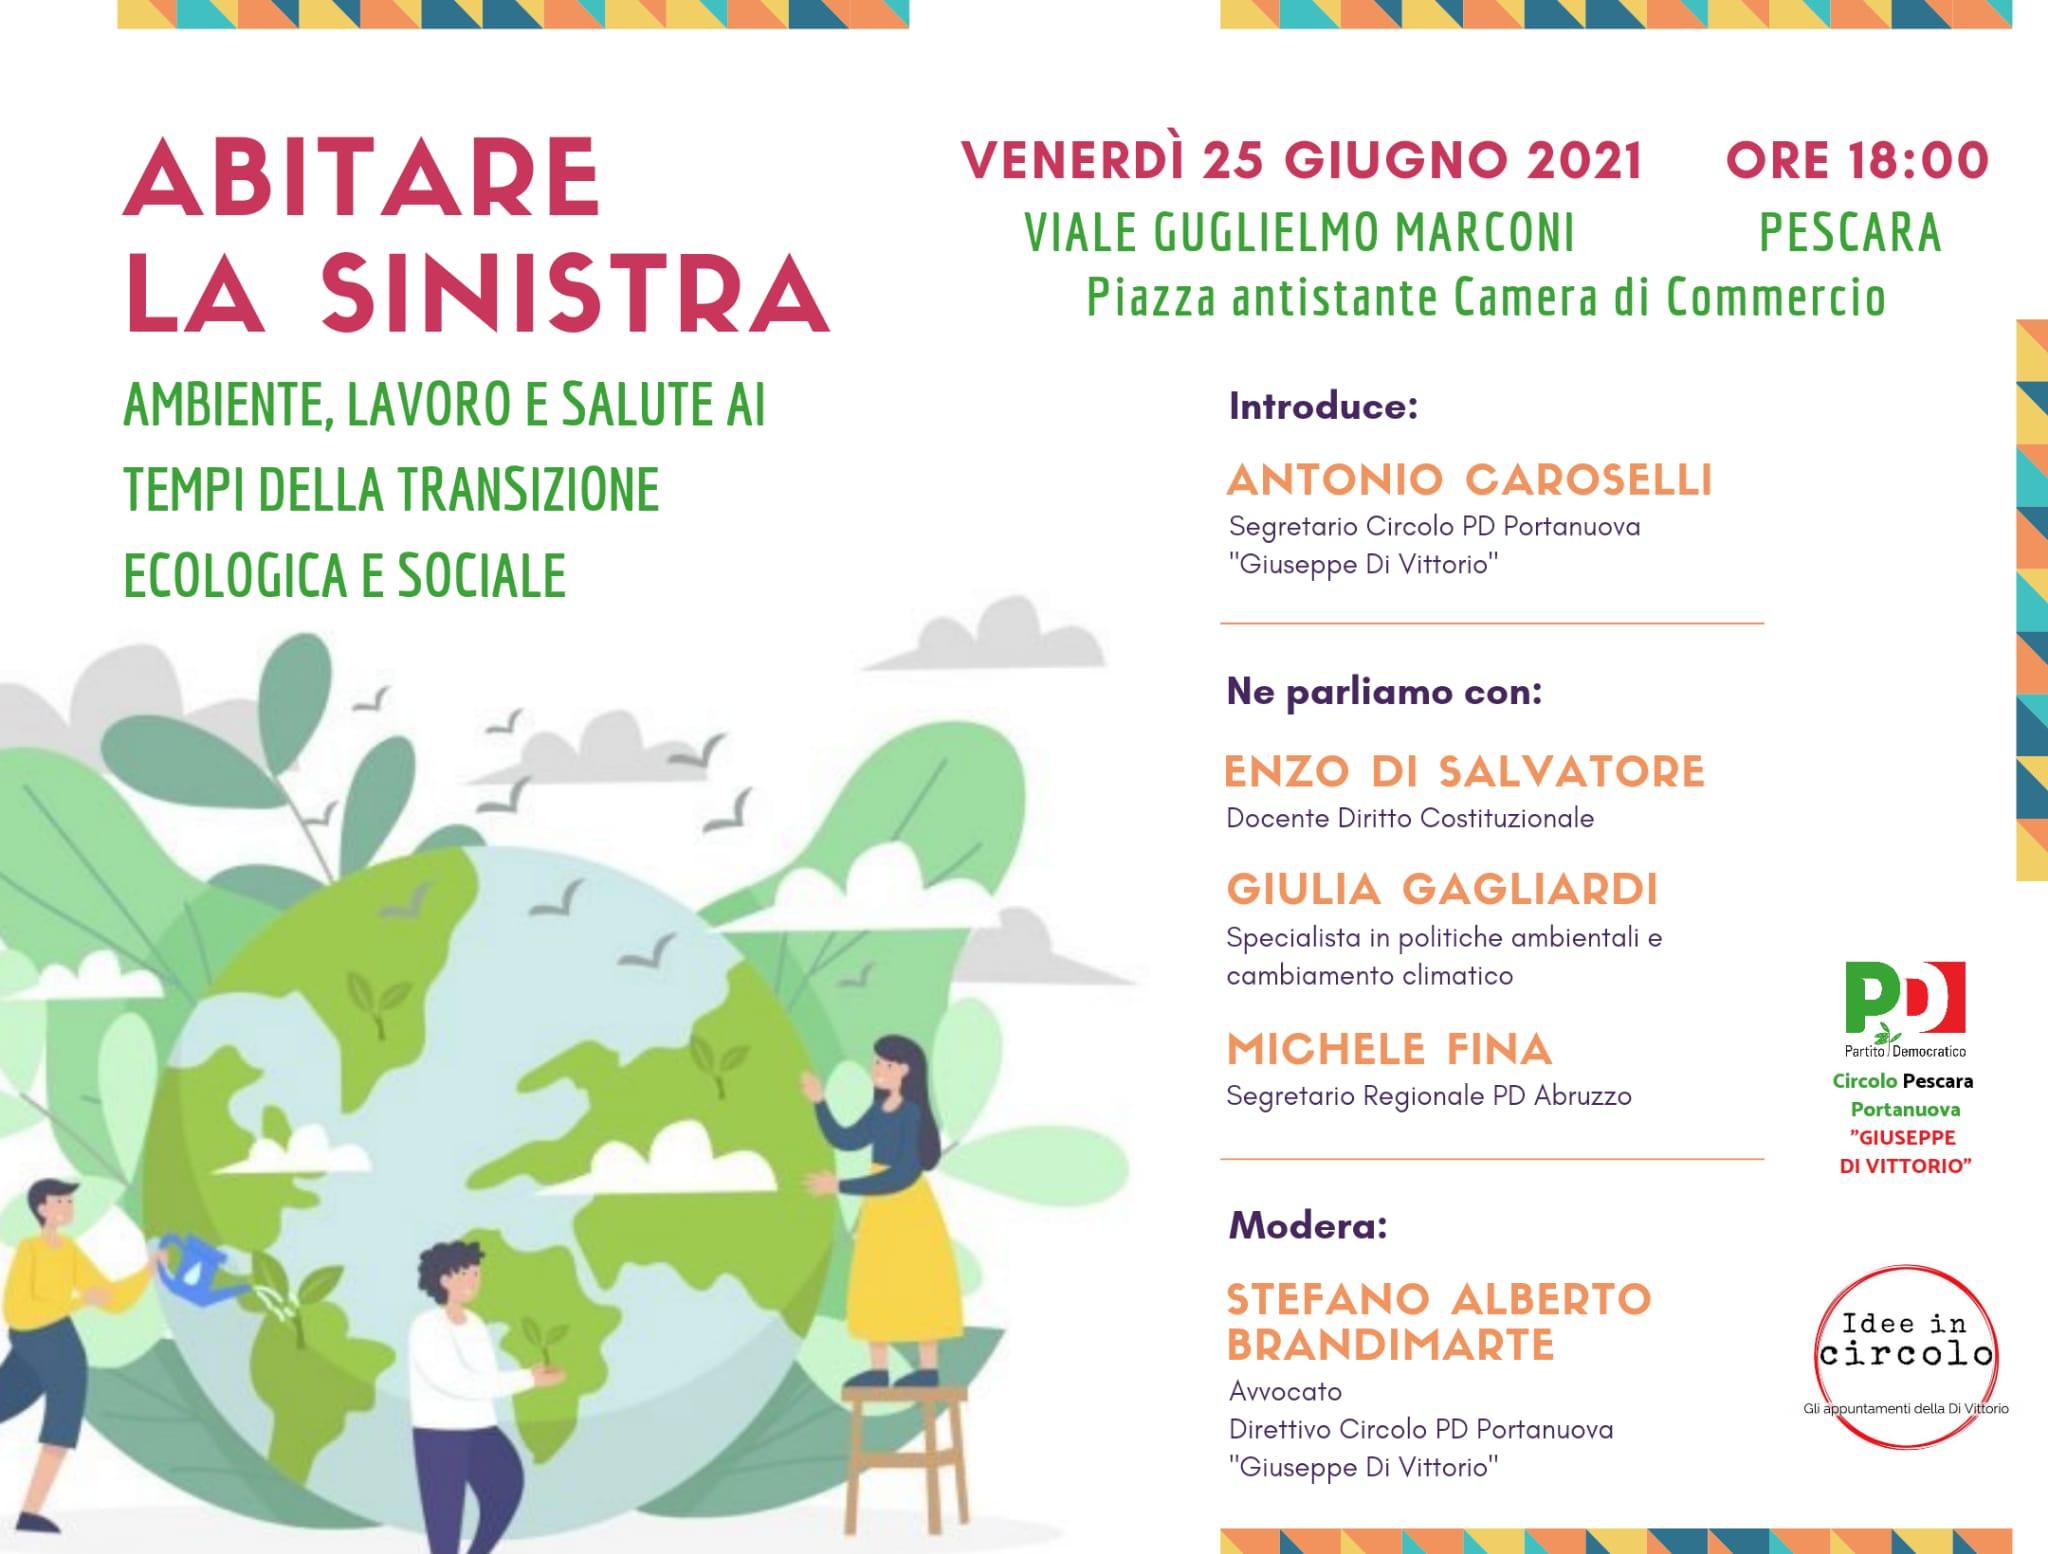 Abitare la sinistra: il 25 giugno l'evento del circolo Di Vittorio